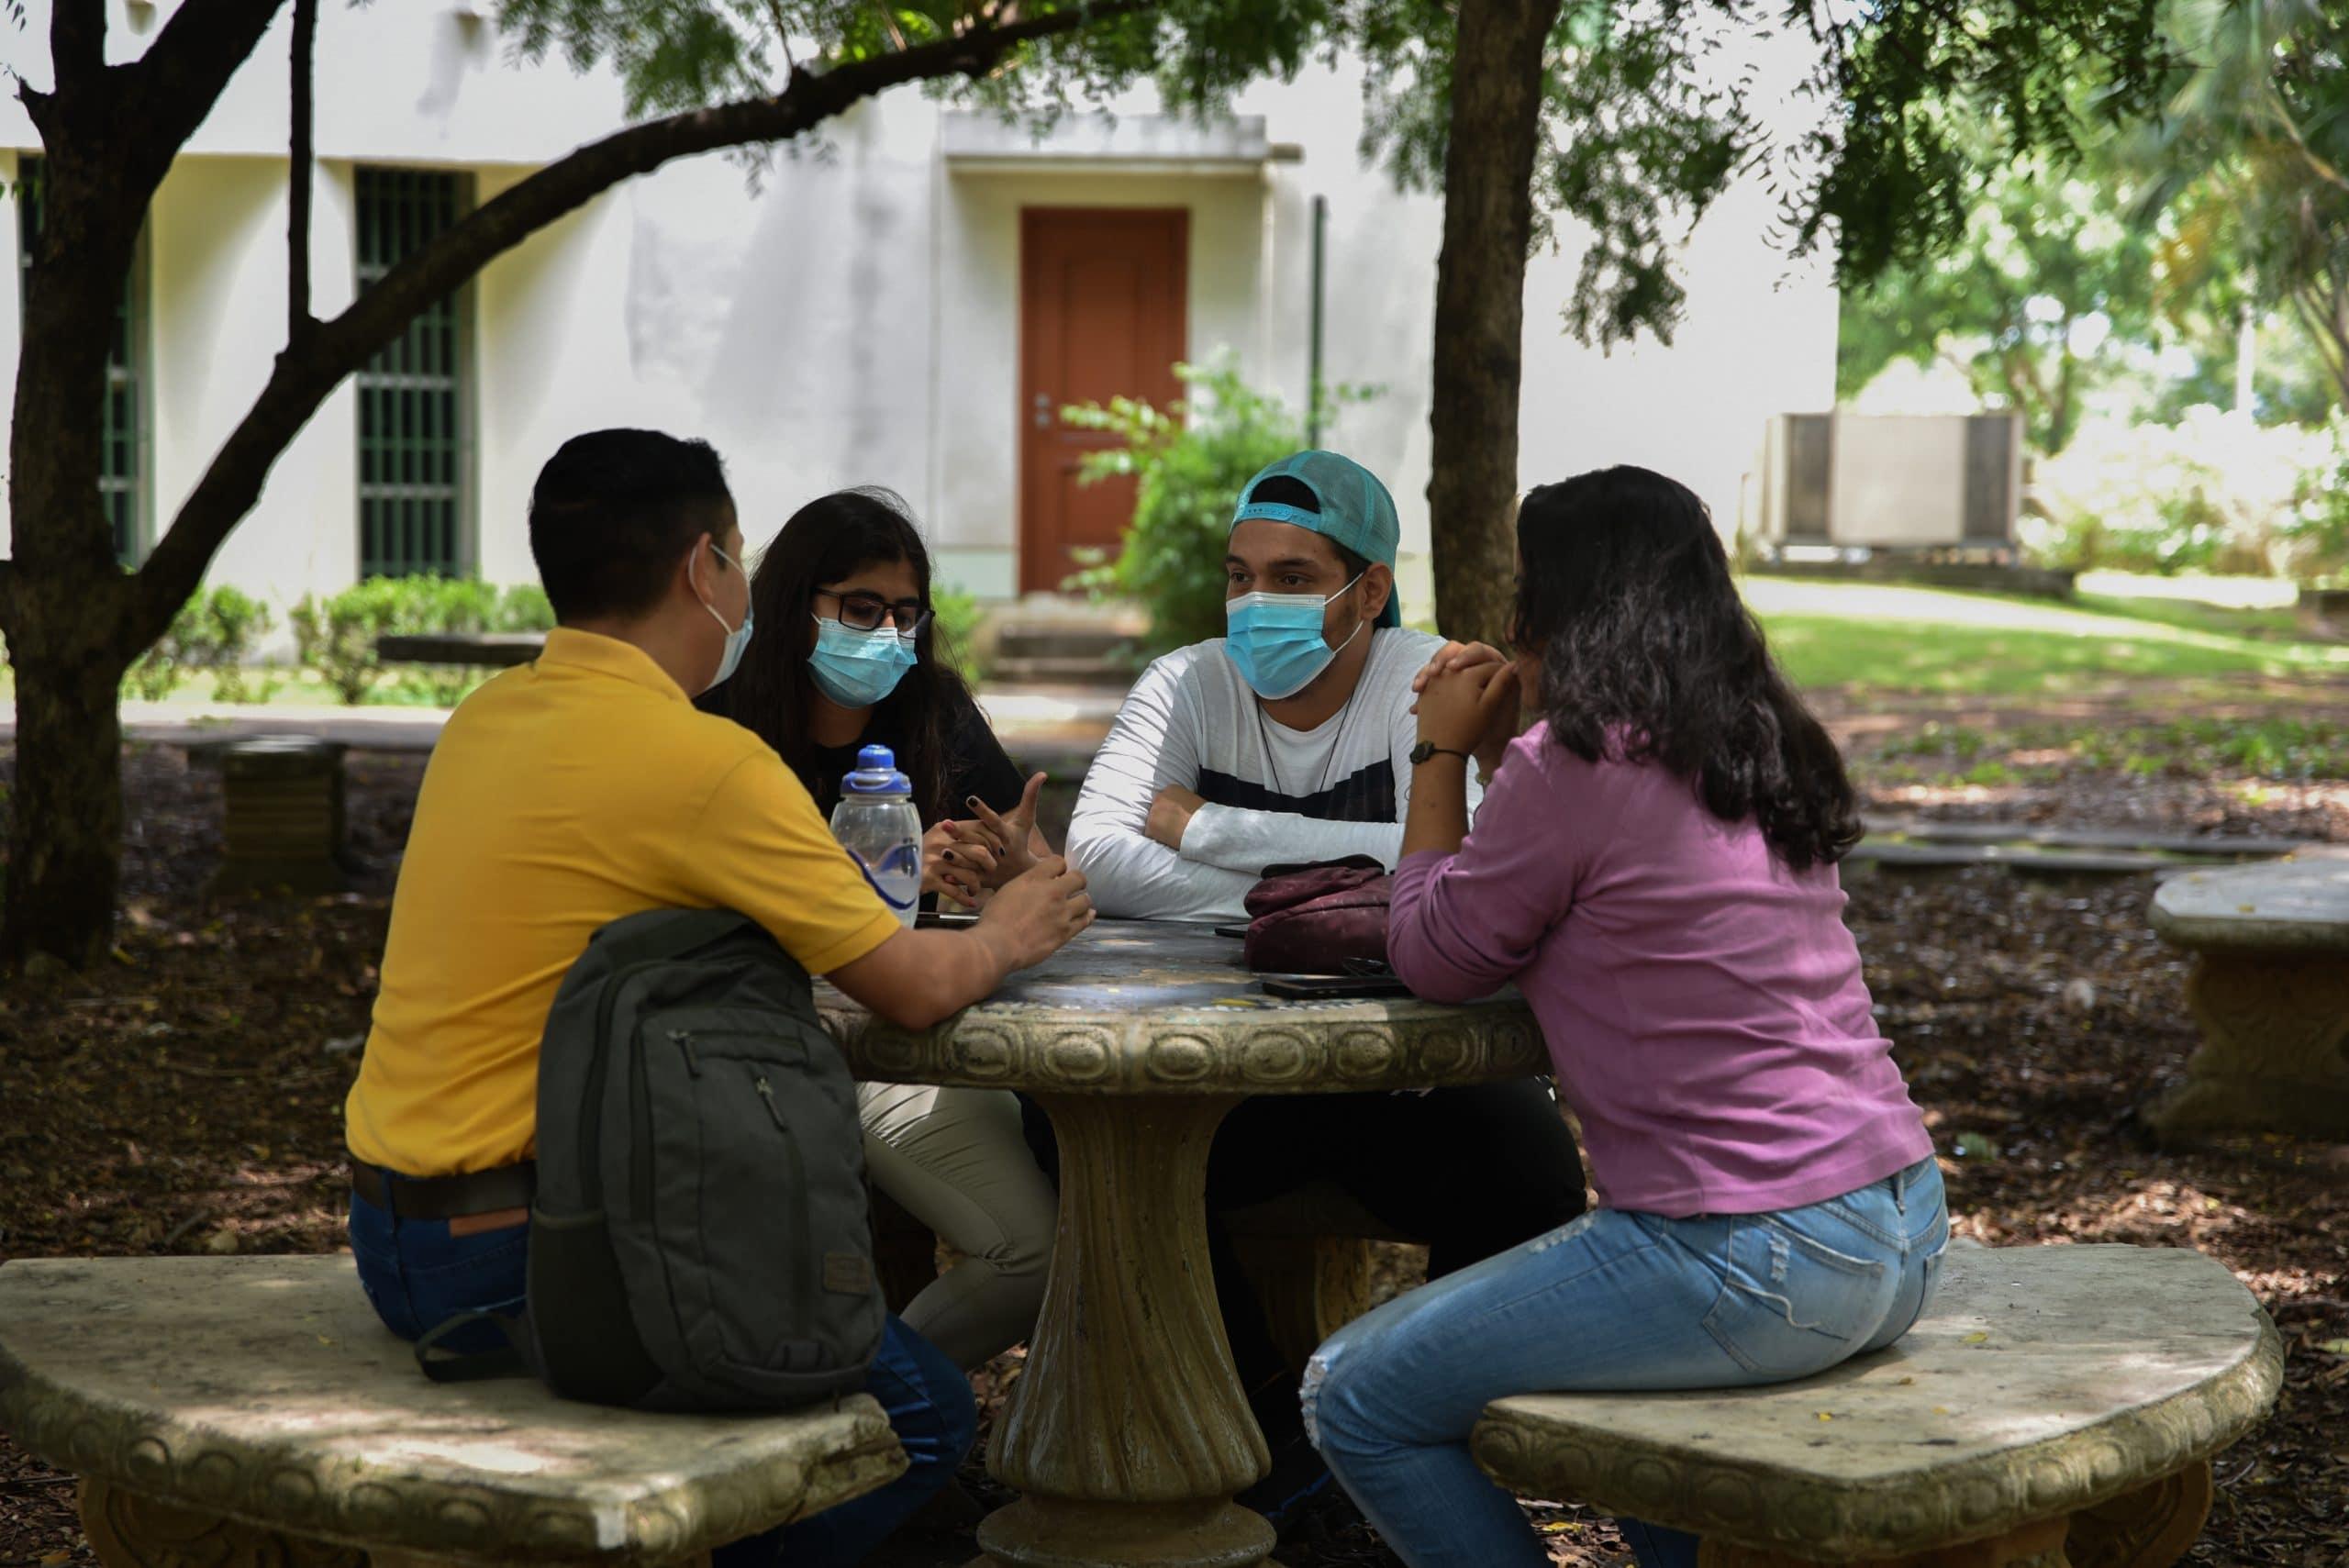 Los estudiantes universitarios se enfrentan a un mercado laboral deficiente debido a la crisis